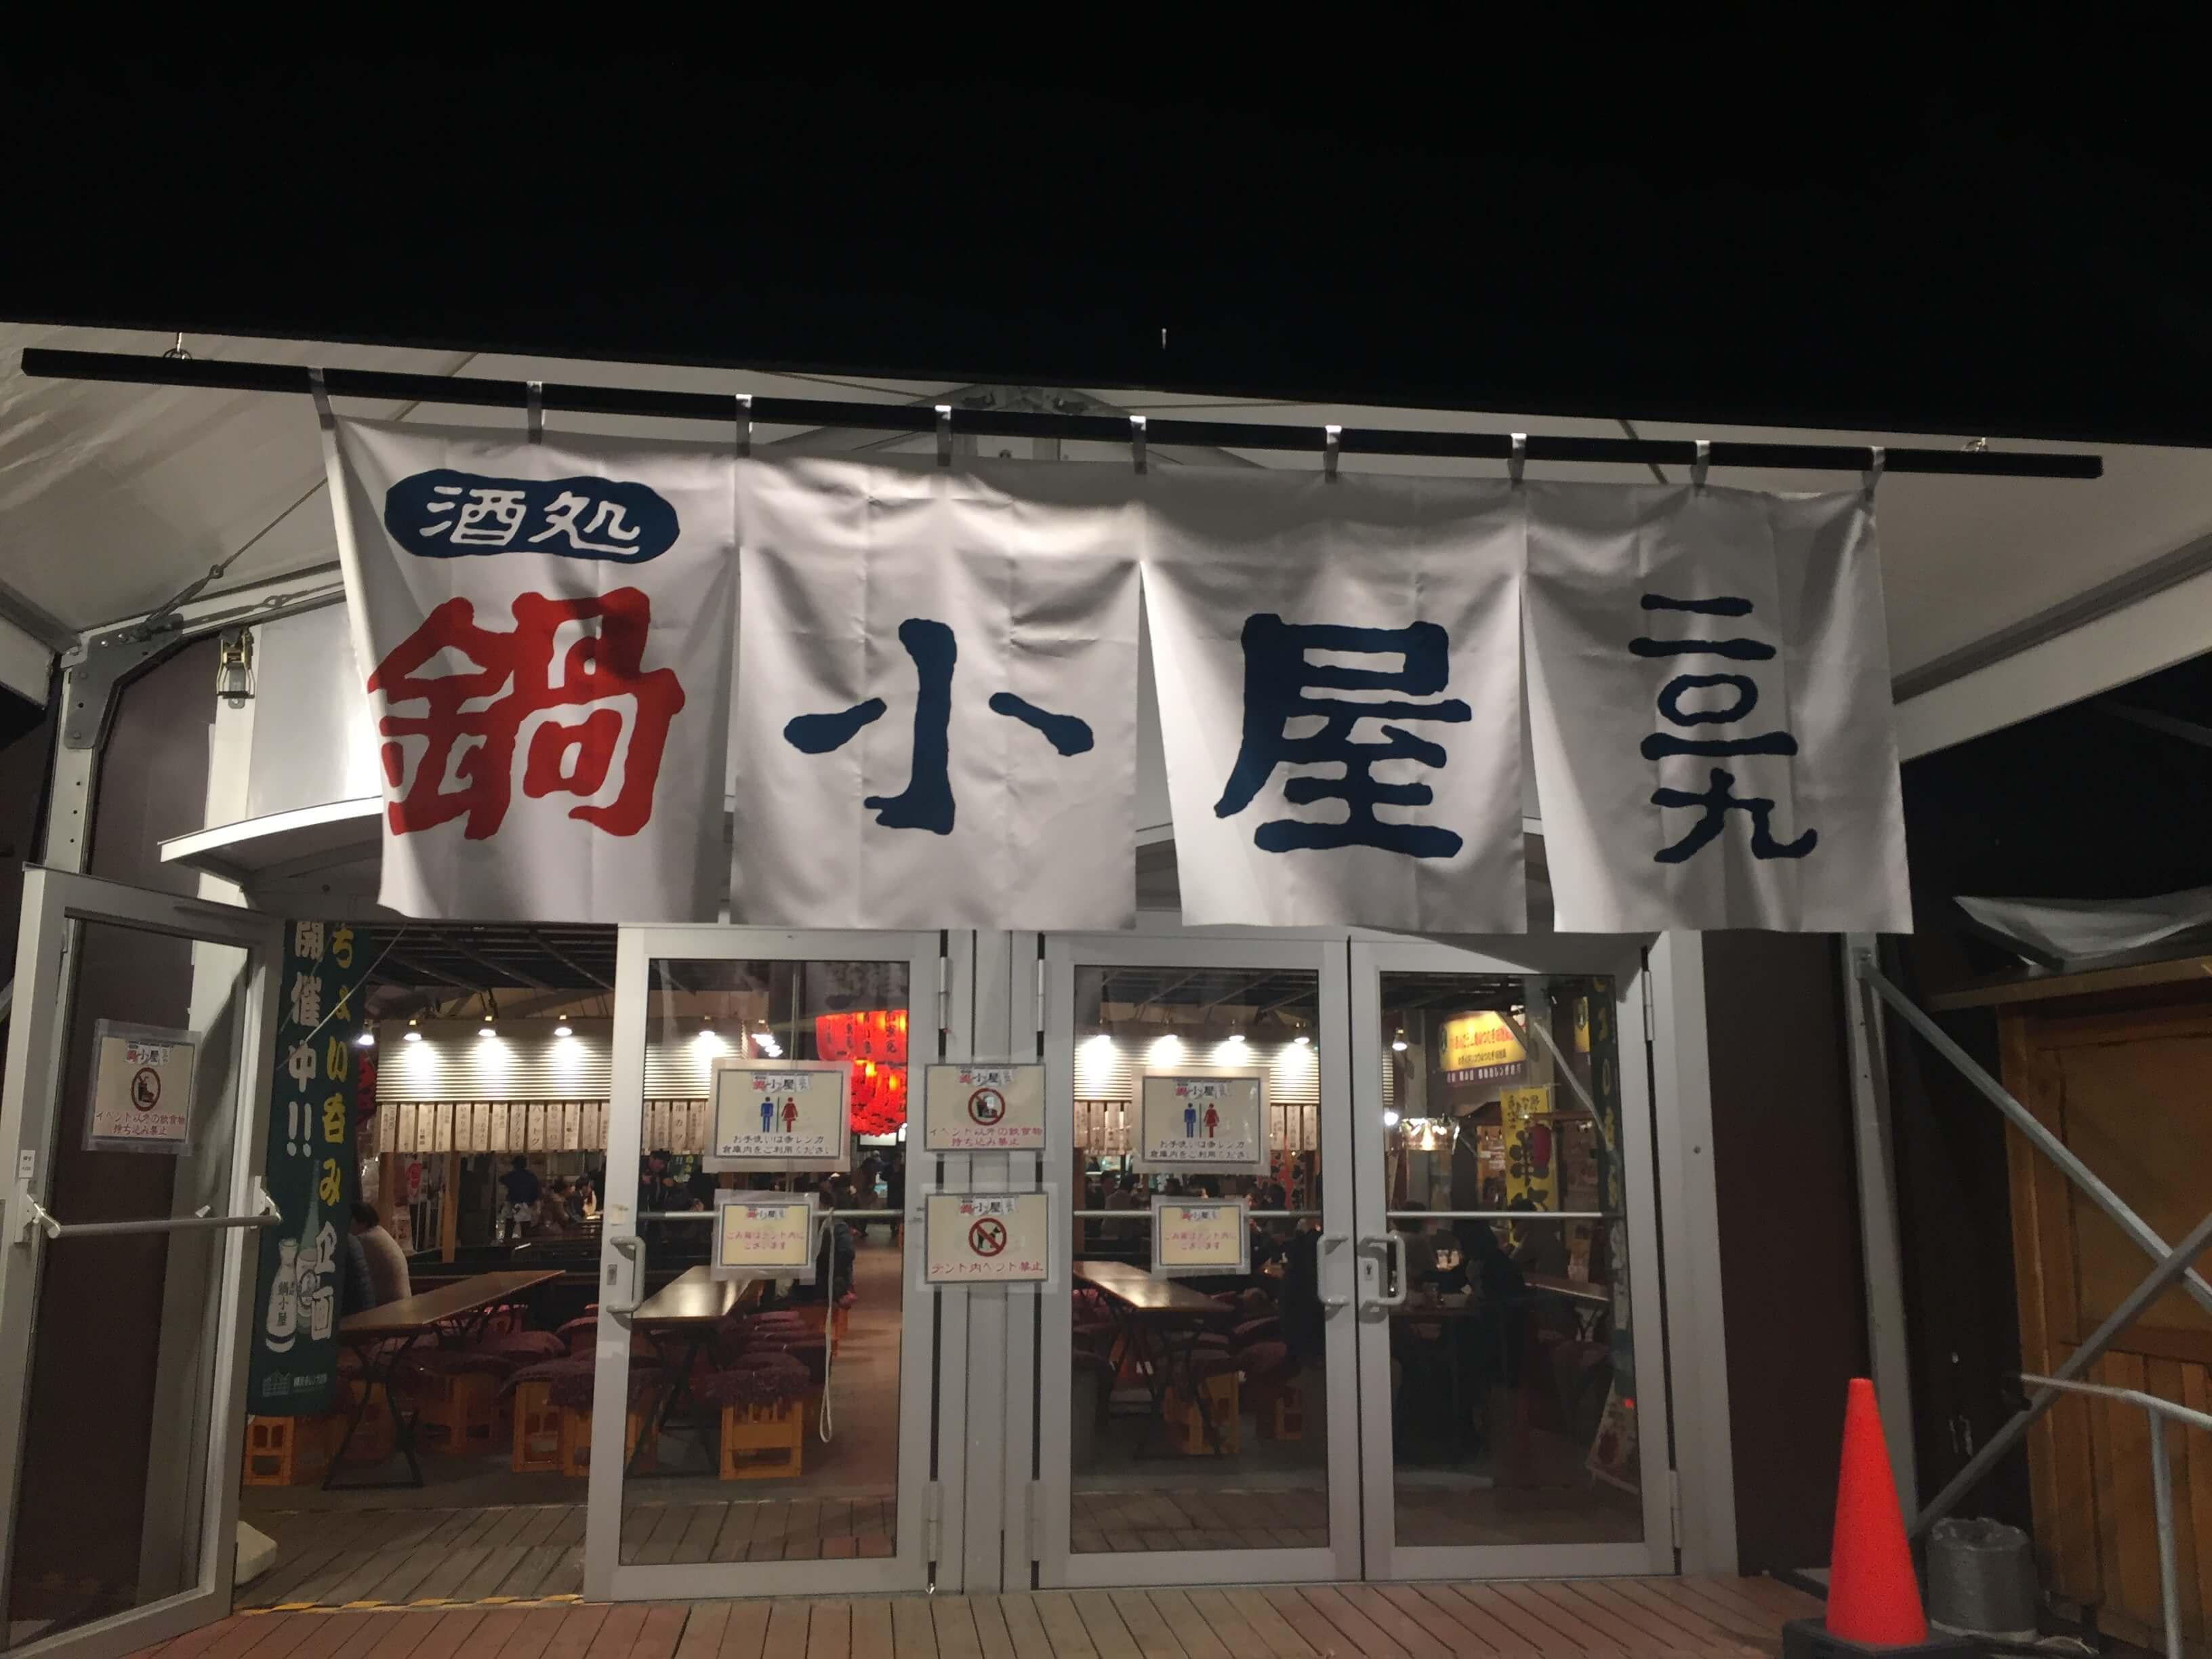 【事例紹介】冬のおすすめ あったかイベント 横浜赤レンガ倉庫様「酒処 鍋小屋2019」レポート